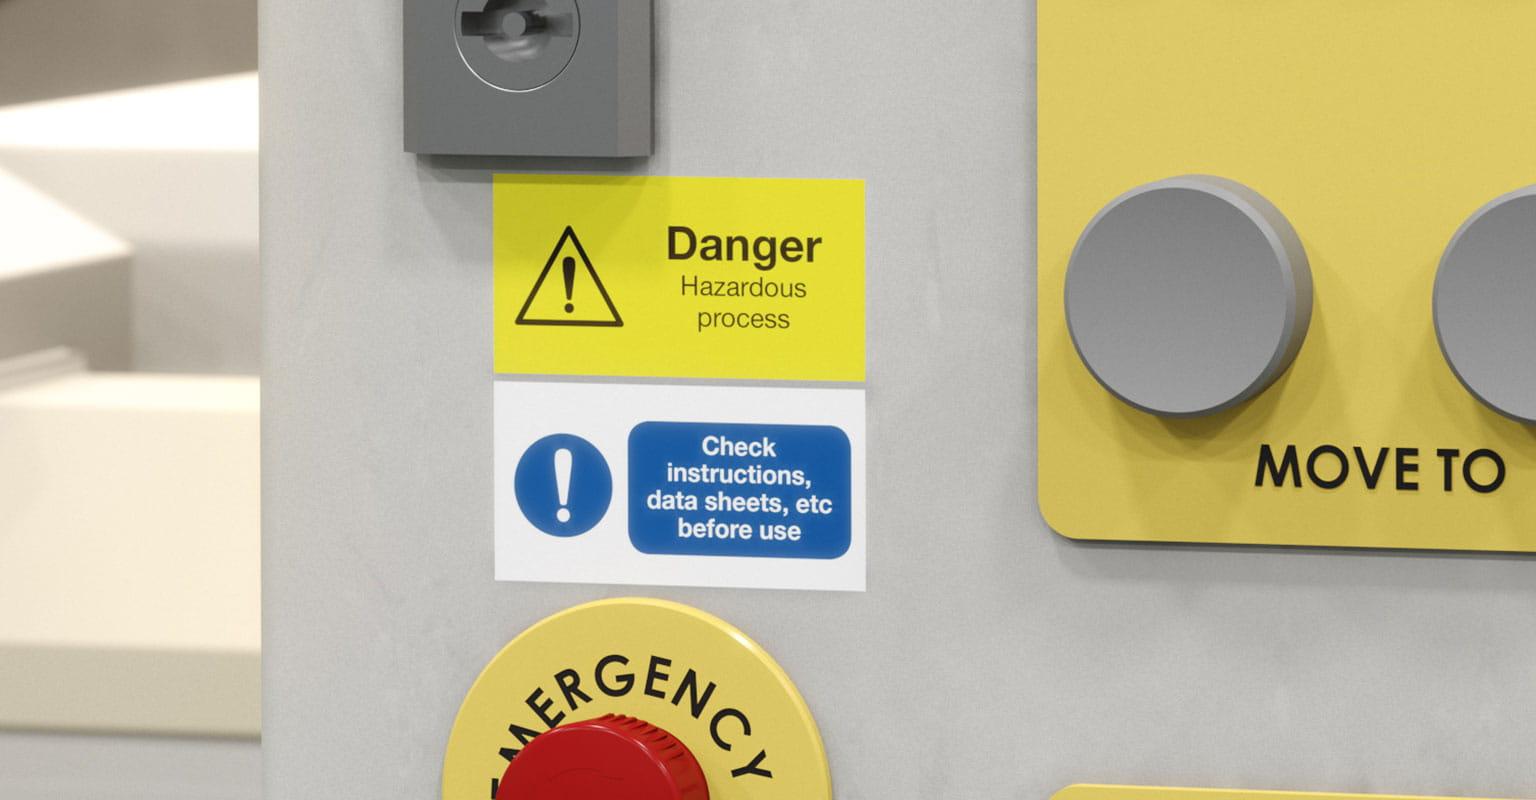 Dvije naljepnice na upravljačkoj ploči,  Upozorenje o opasnostima i Prije uporabe pročitajte upute